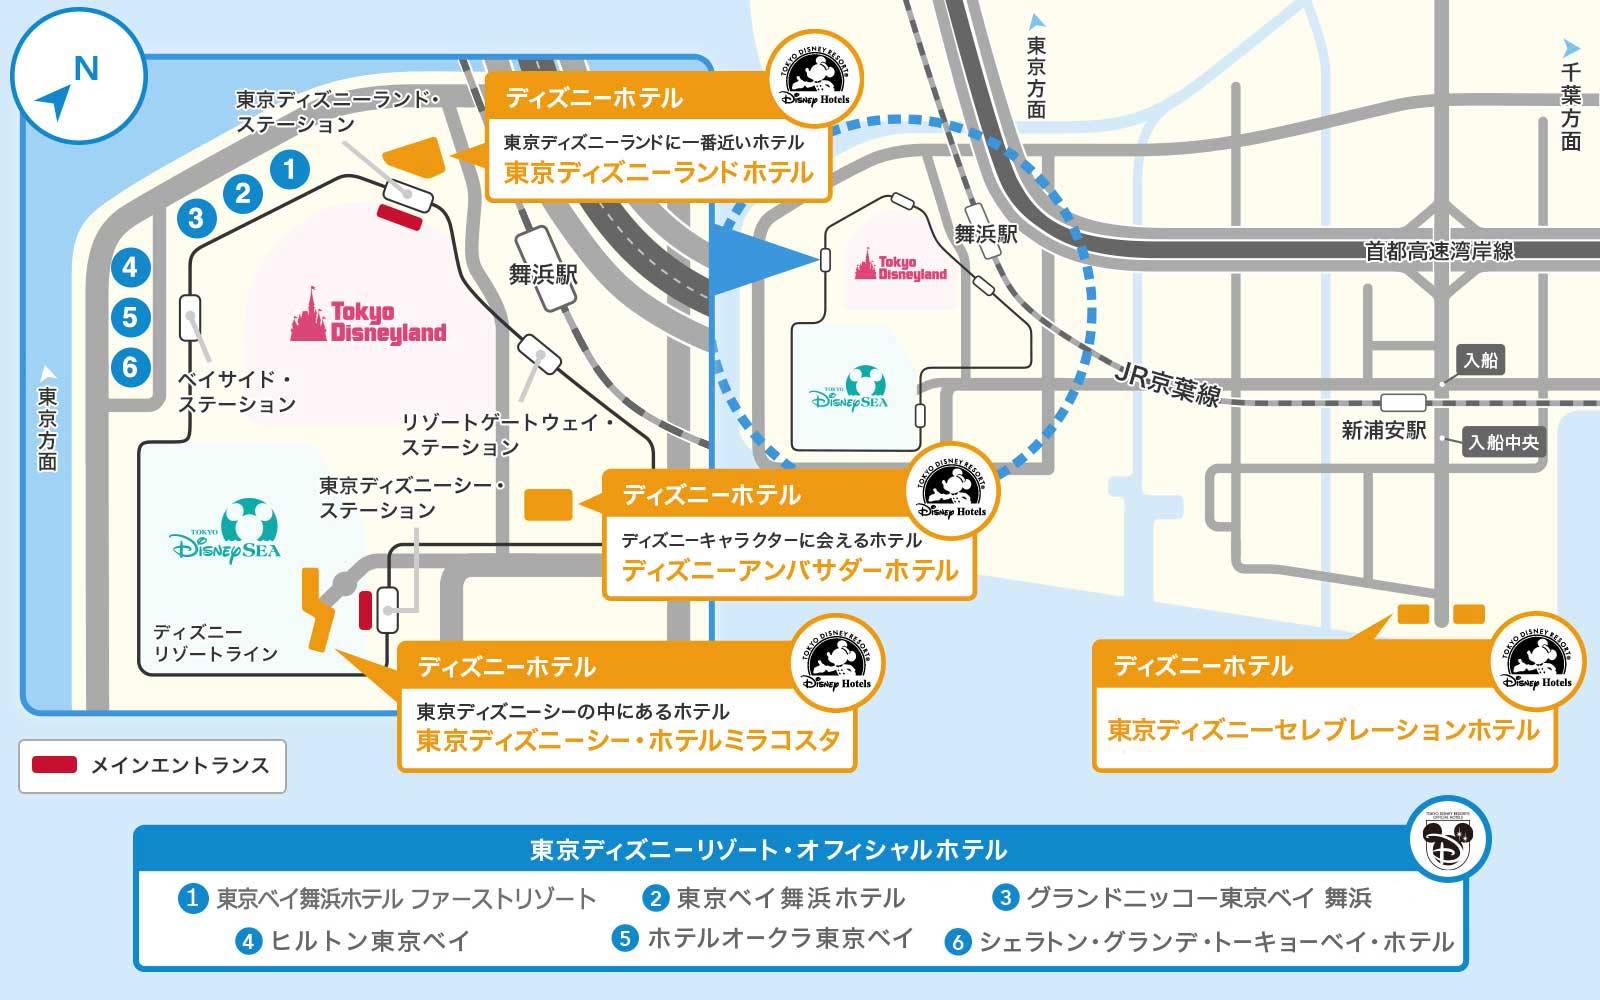 東京ディズニーリゾート内のホテルのマップ画像